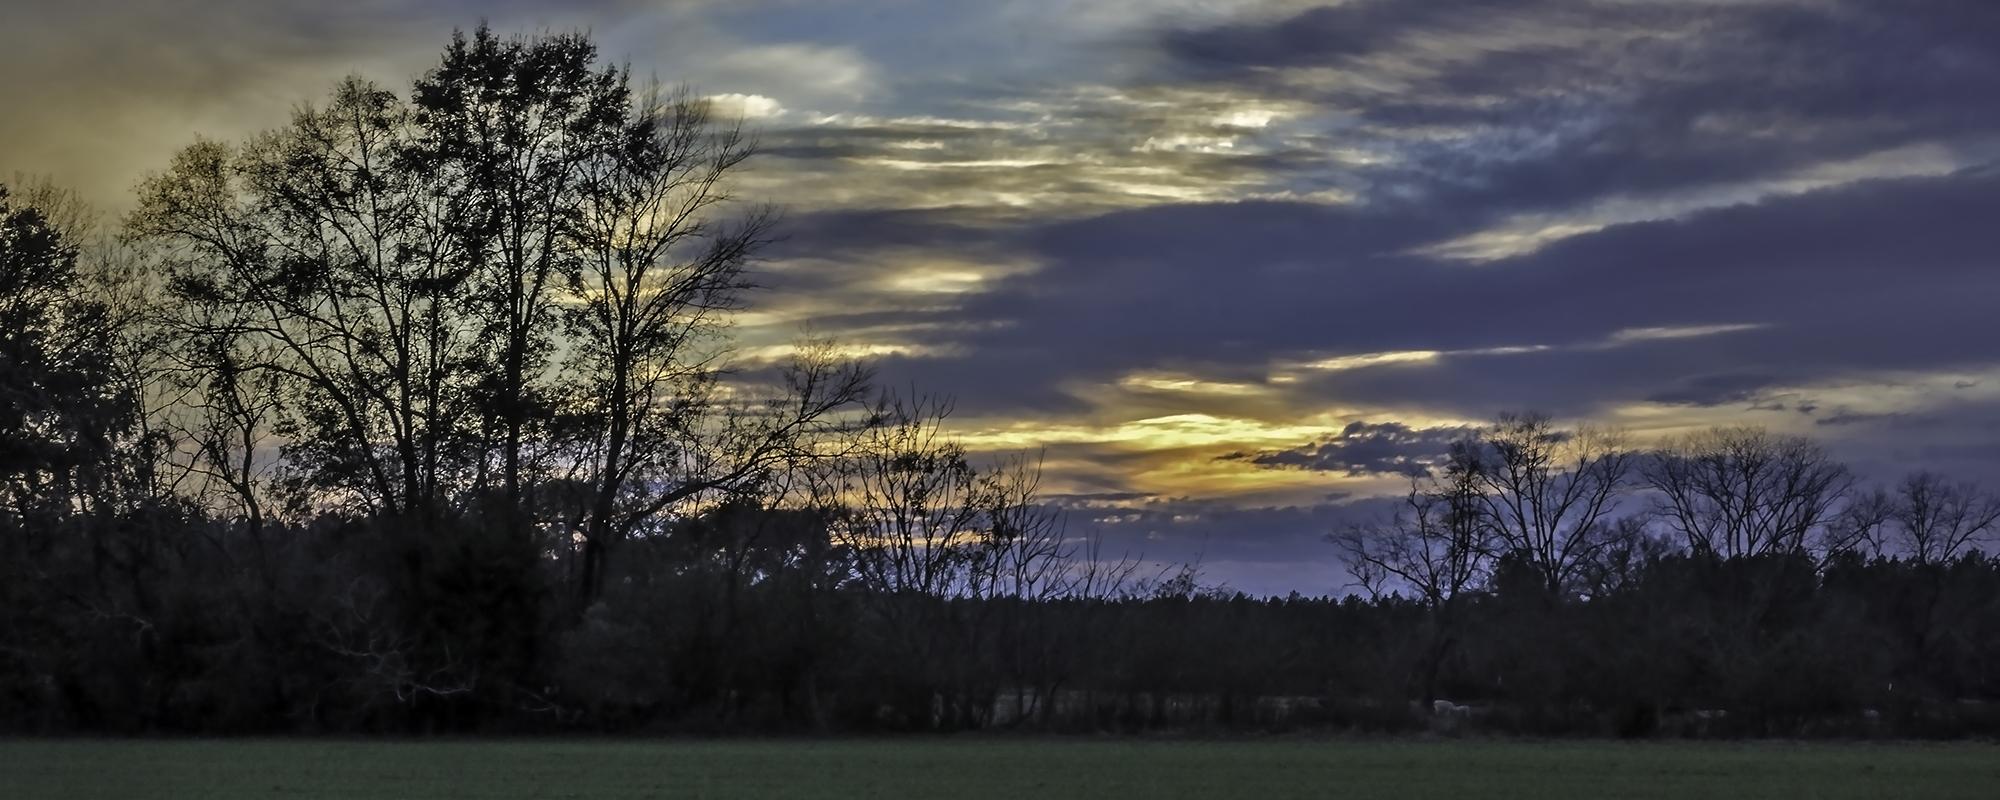 Copy of Copy of Rocky Creek Sunset